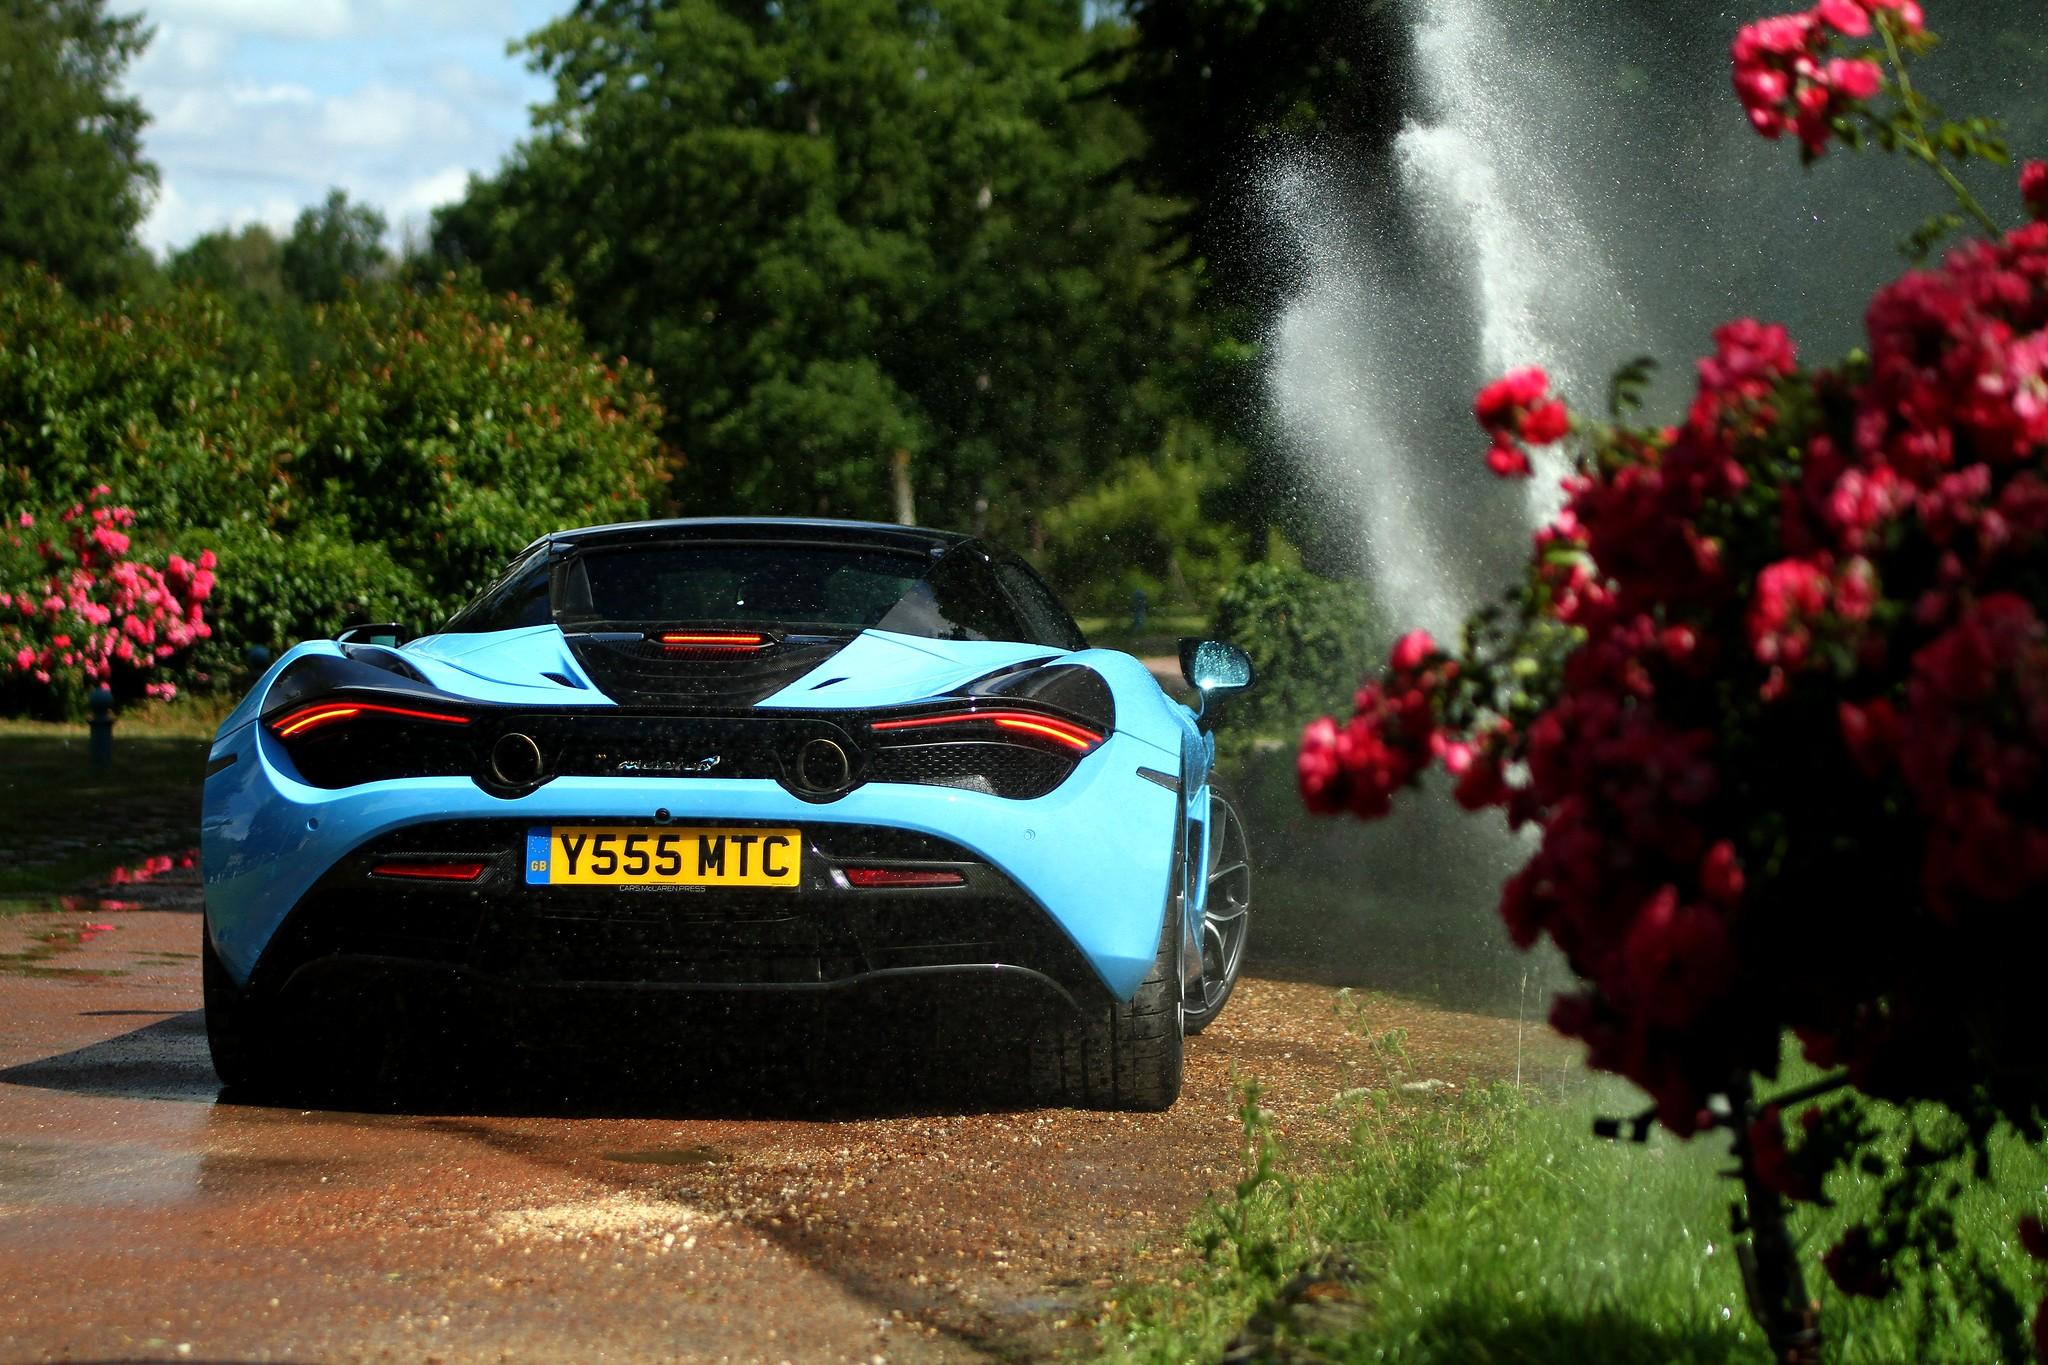 Mclaren 720s Cars Passion